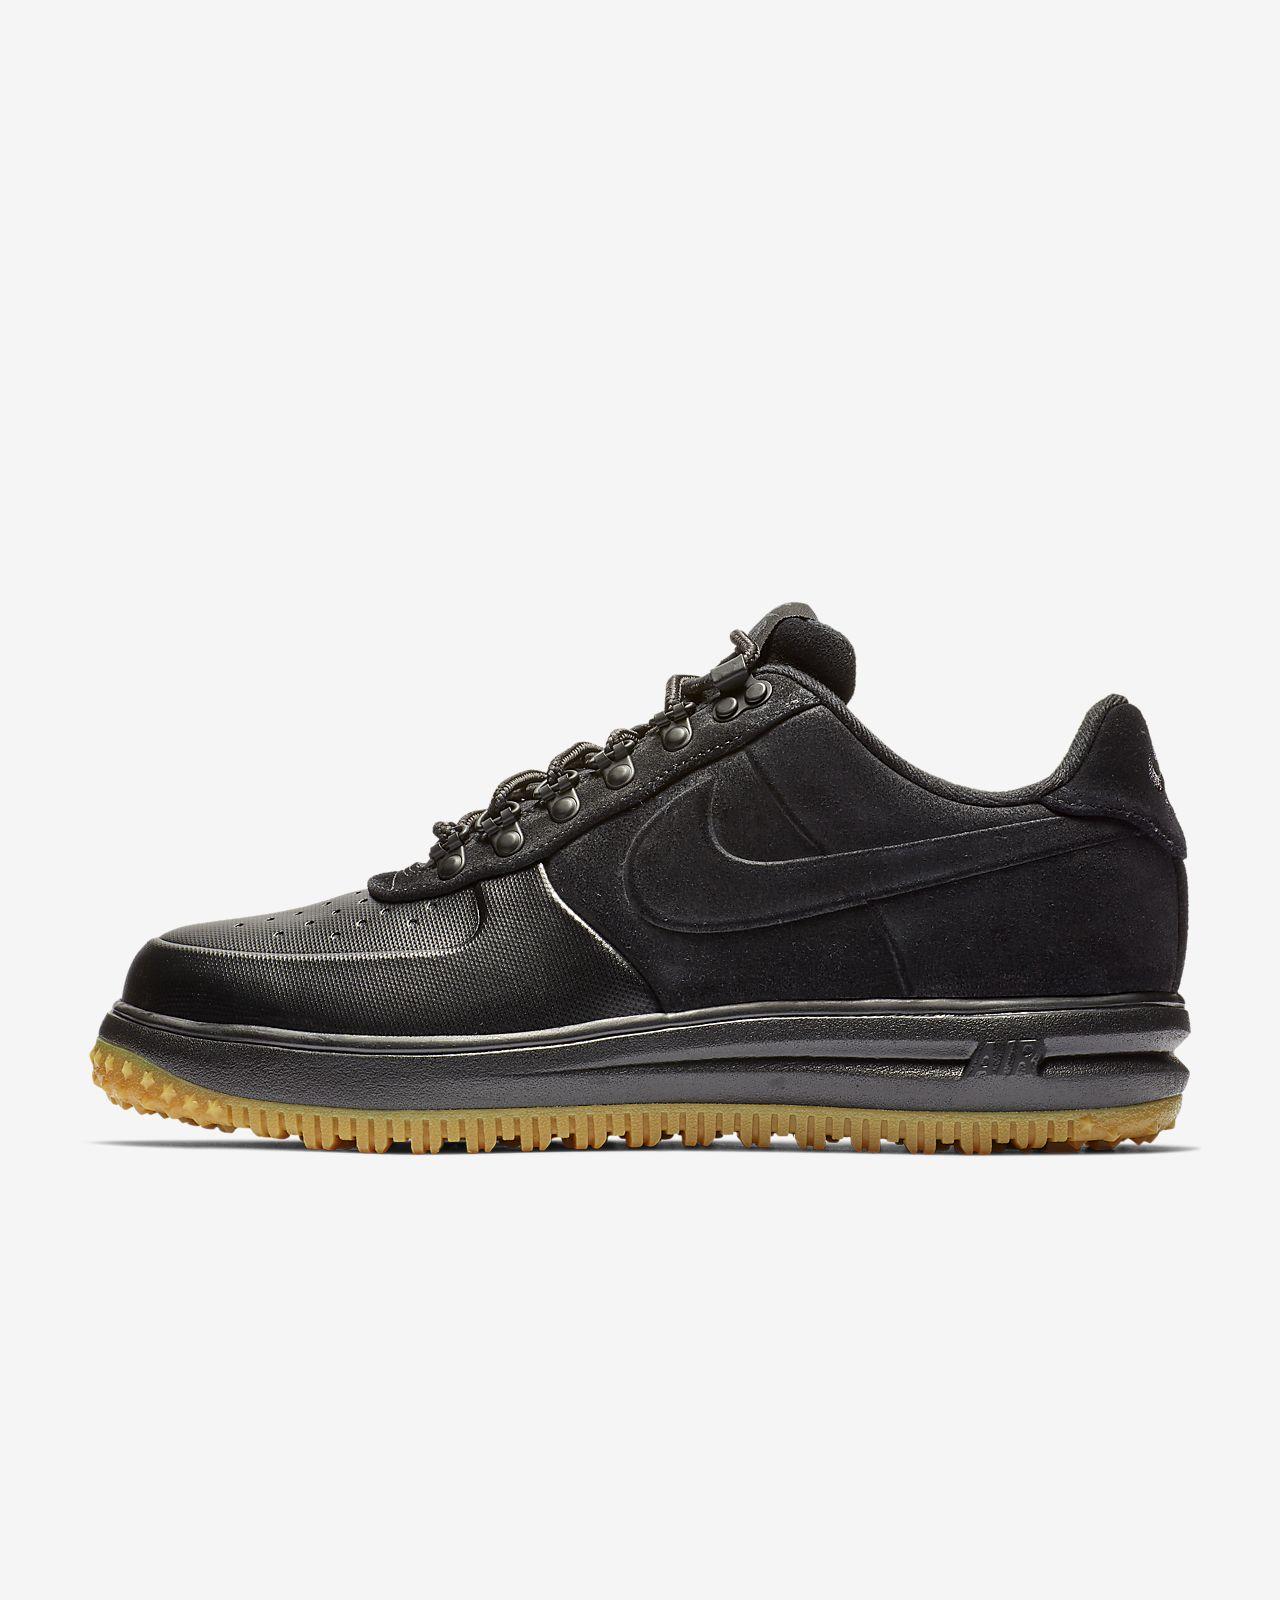 Nike Lunar hombre